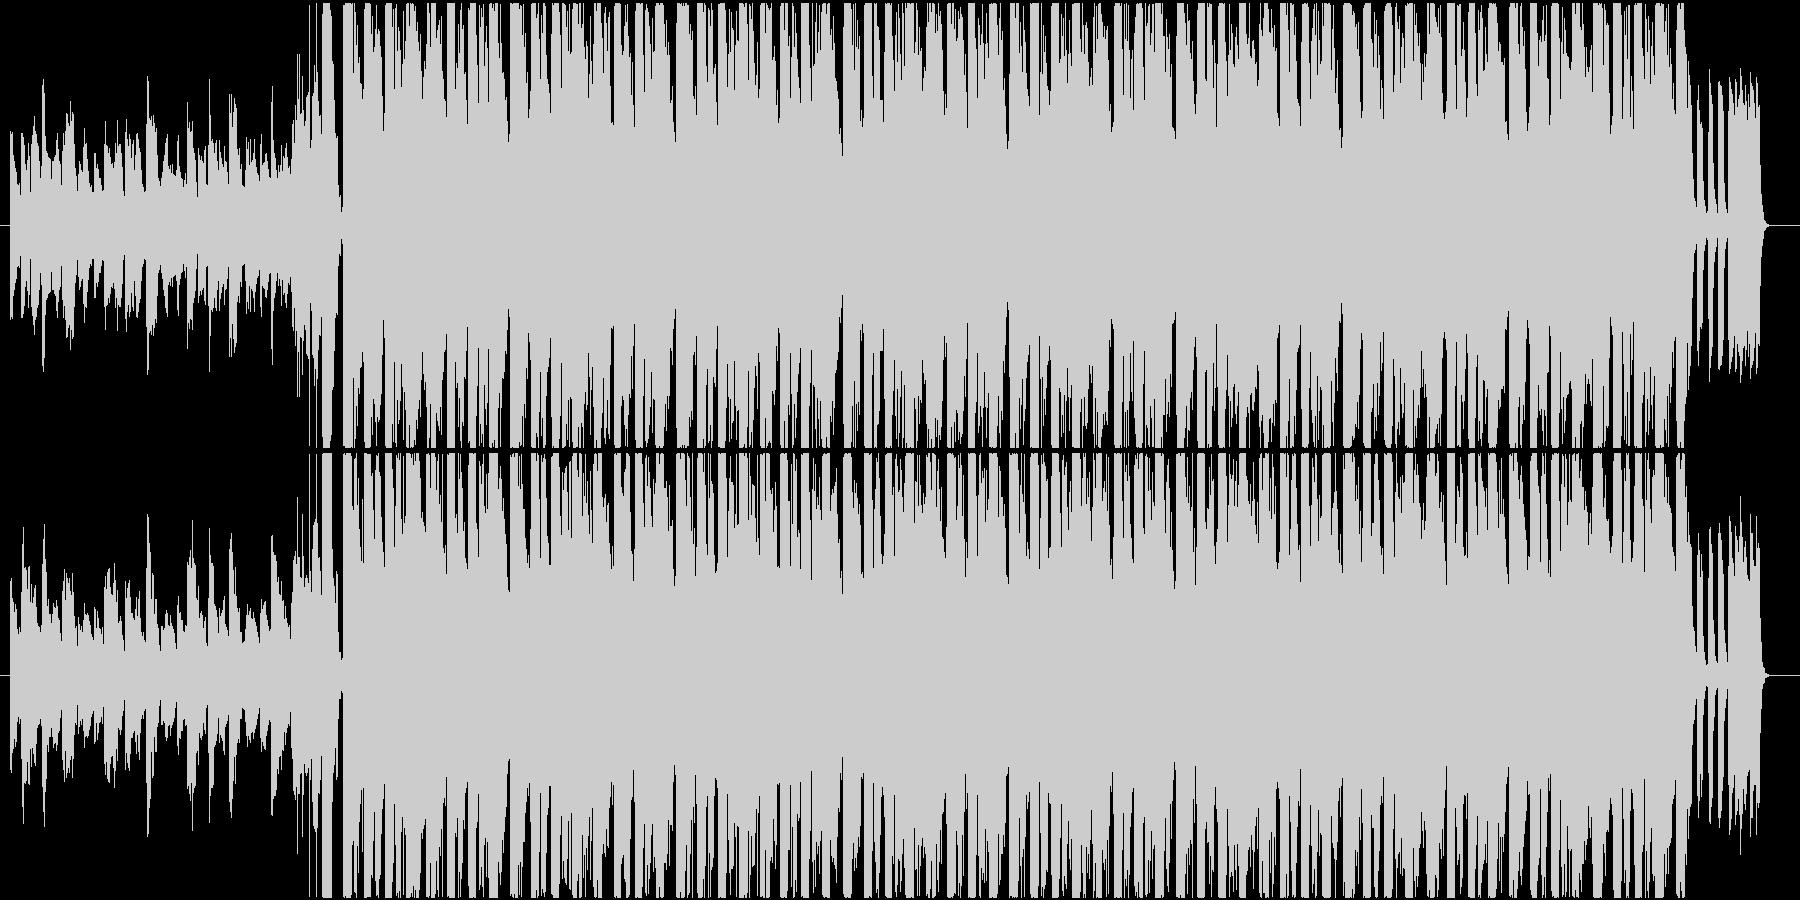 ジャジーで華やかなエレクトロスウィングの未再生の波形